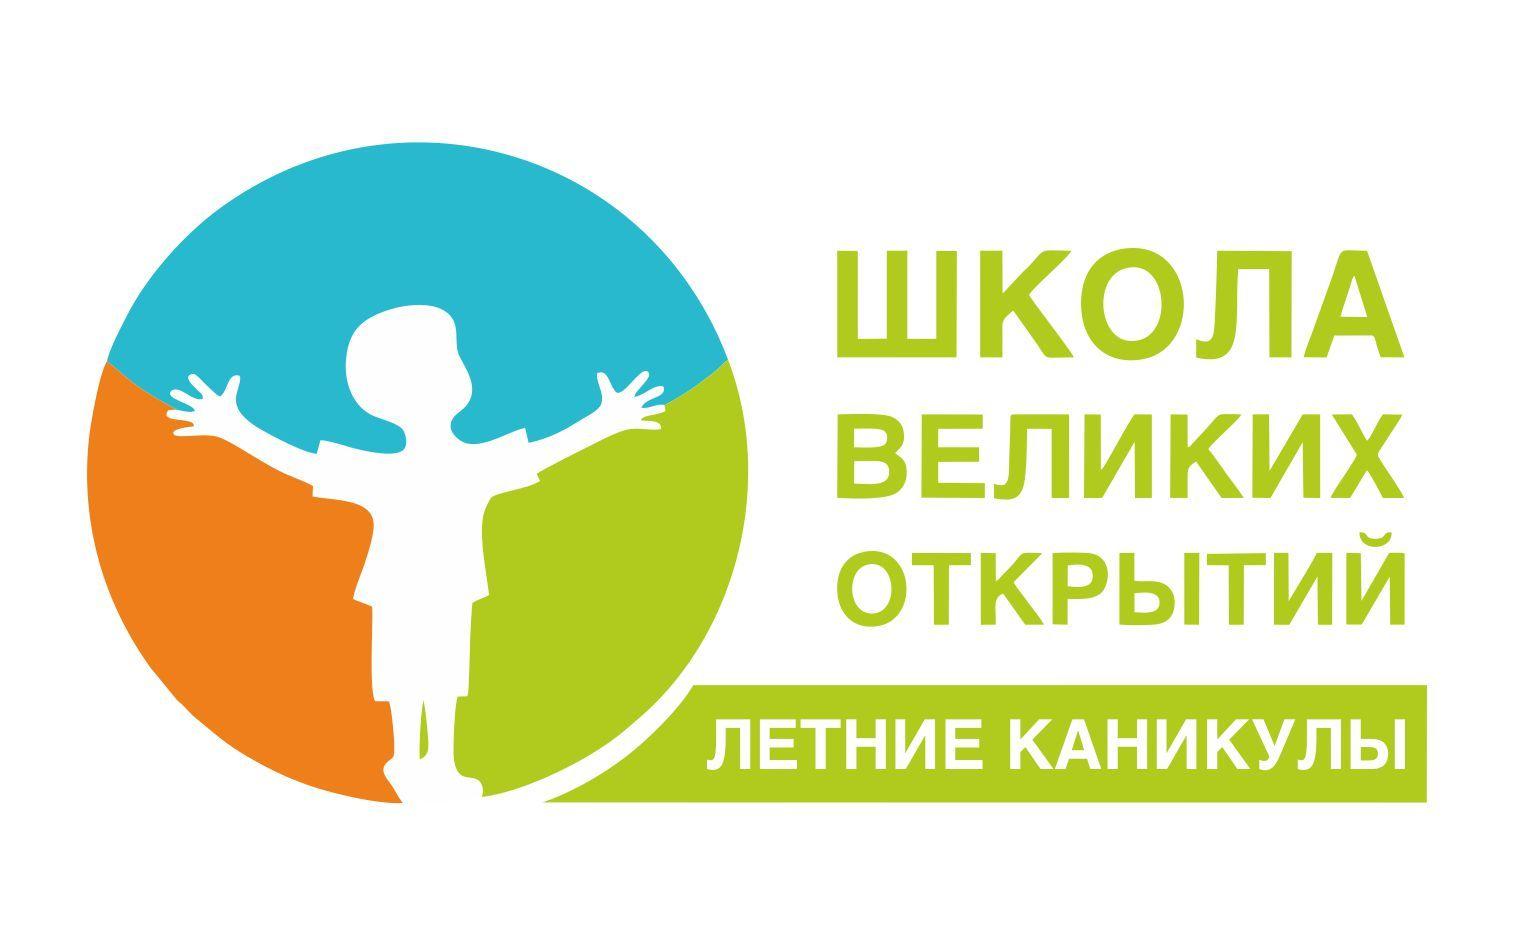 Лагерь Школы Великий Открытий